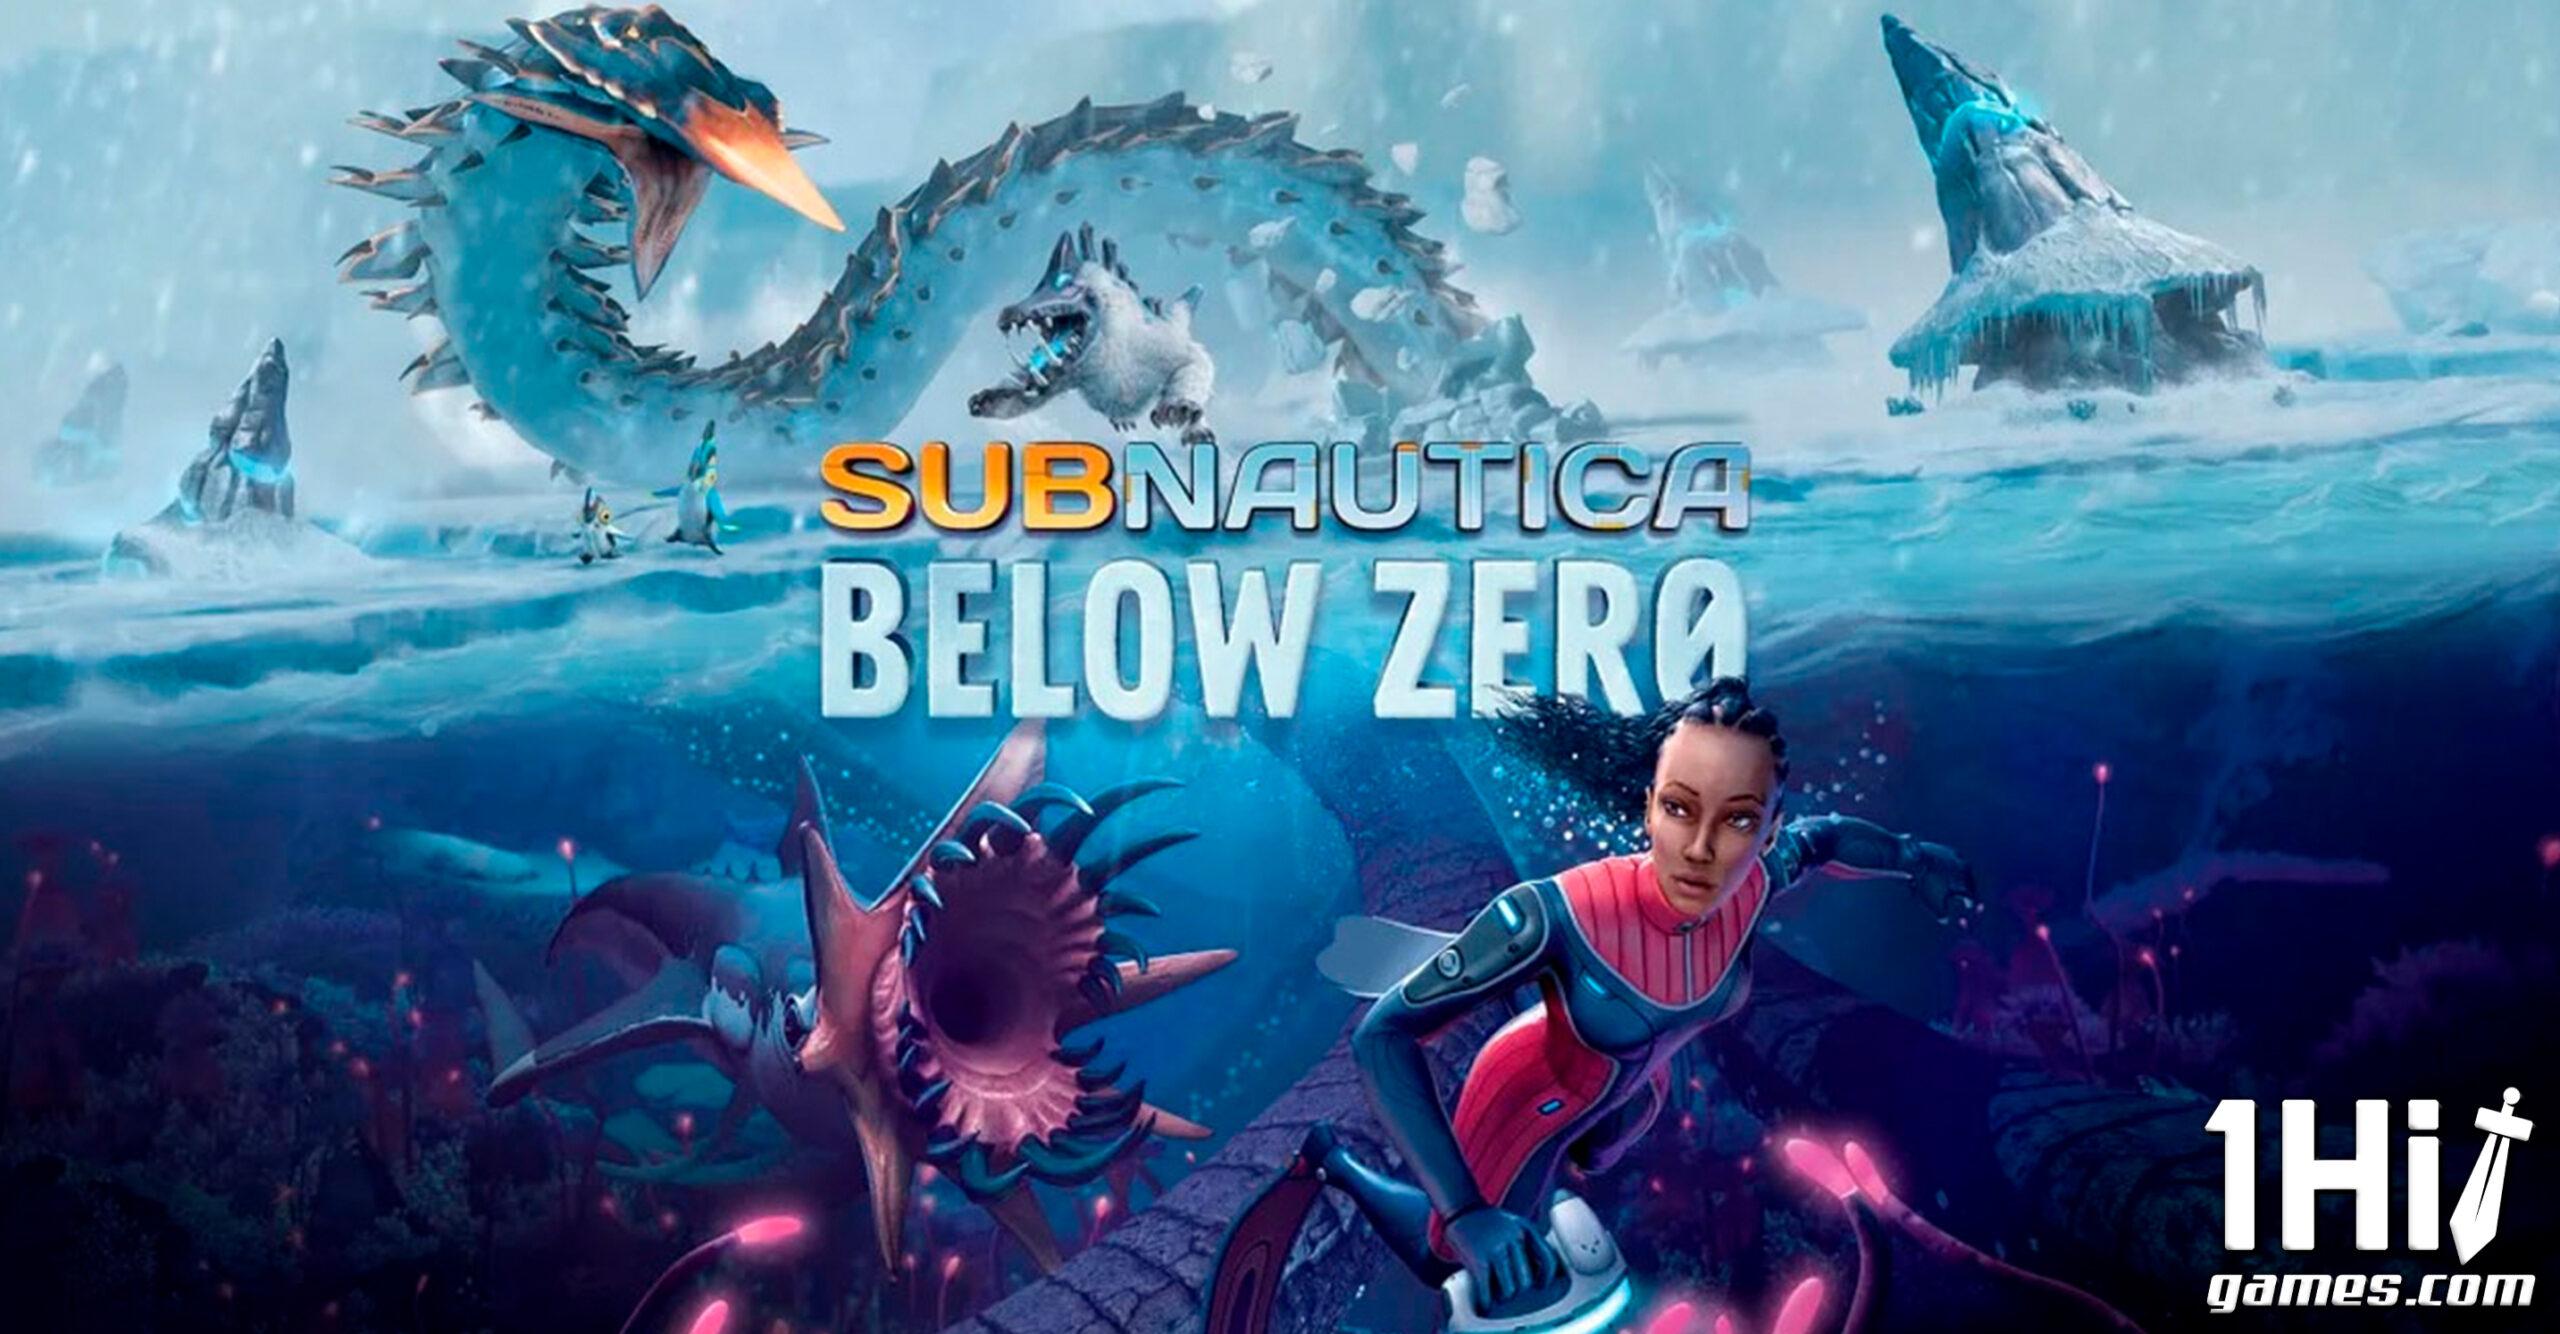 Subnautica: Below Zero, veja novidades sobre o game